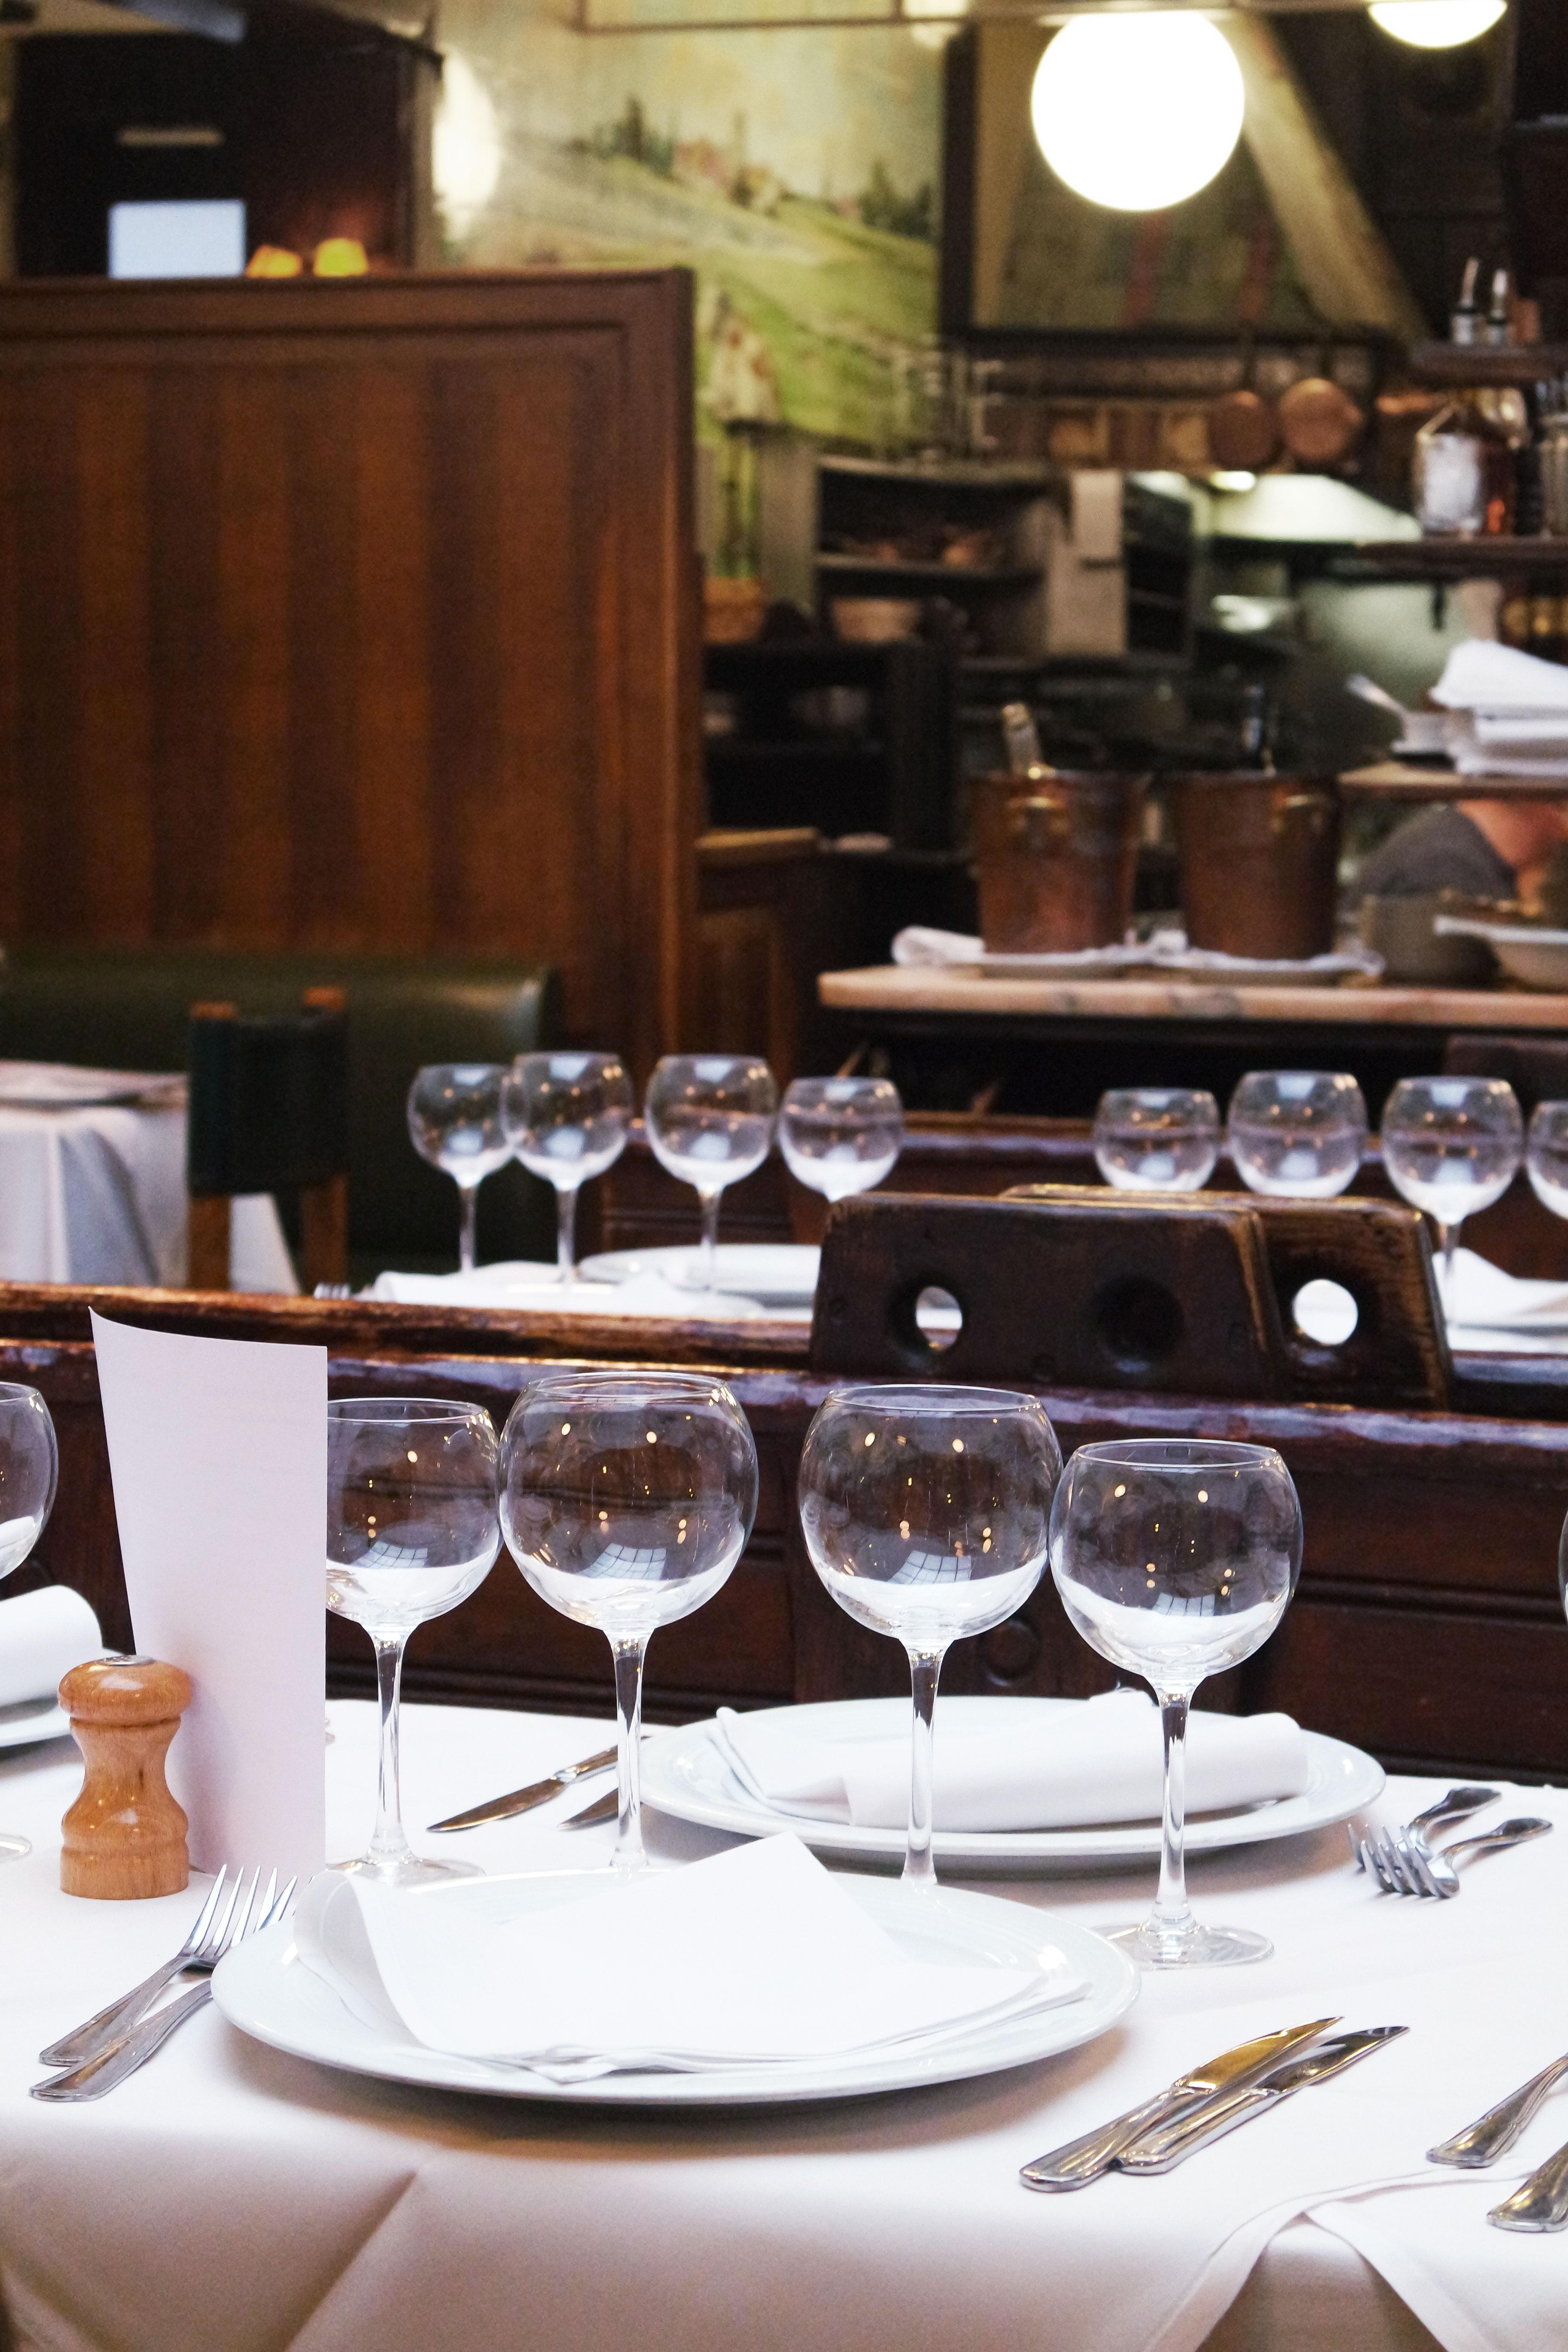 Le restaurant chez vincent bruxelles ellemixe for Ambiance cuisine bruxelles